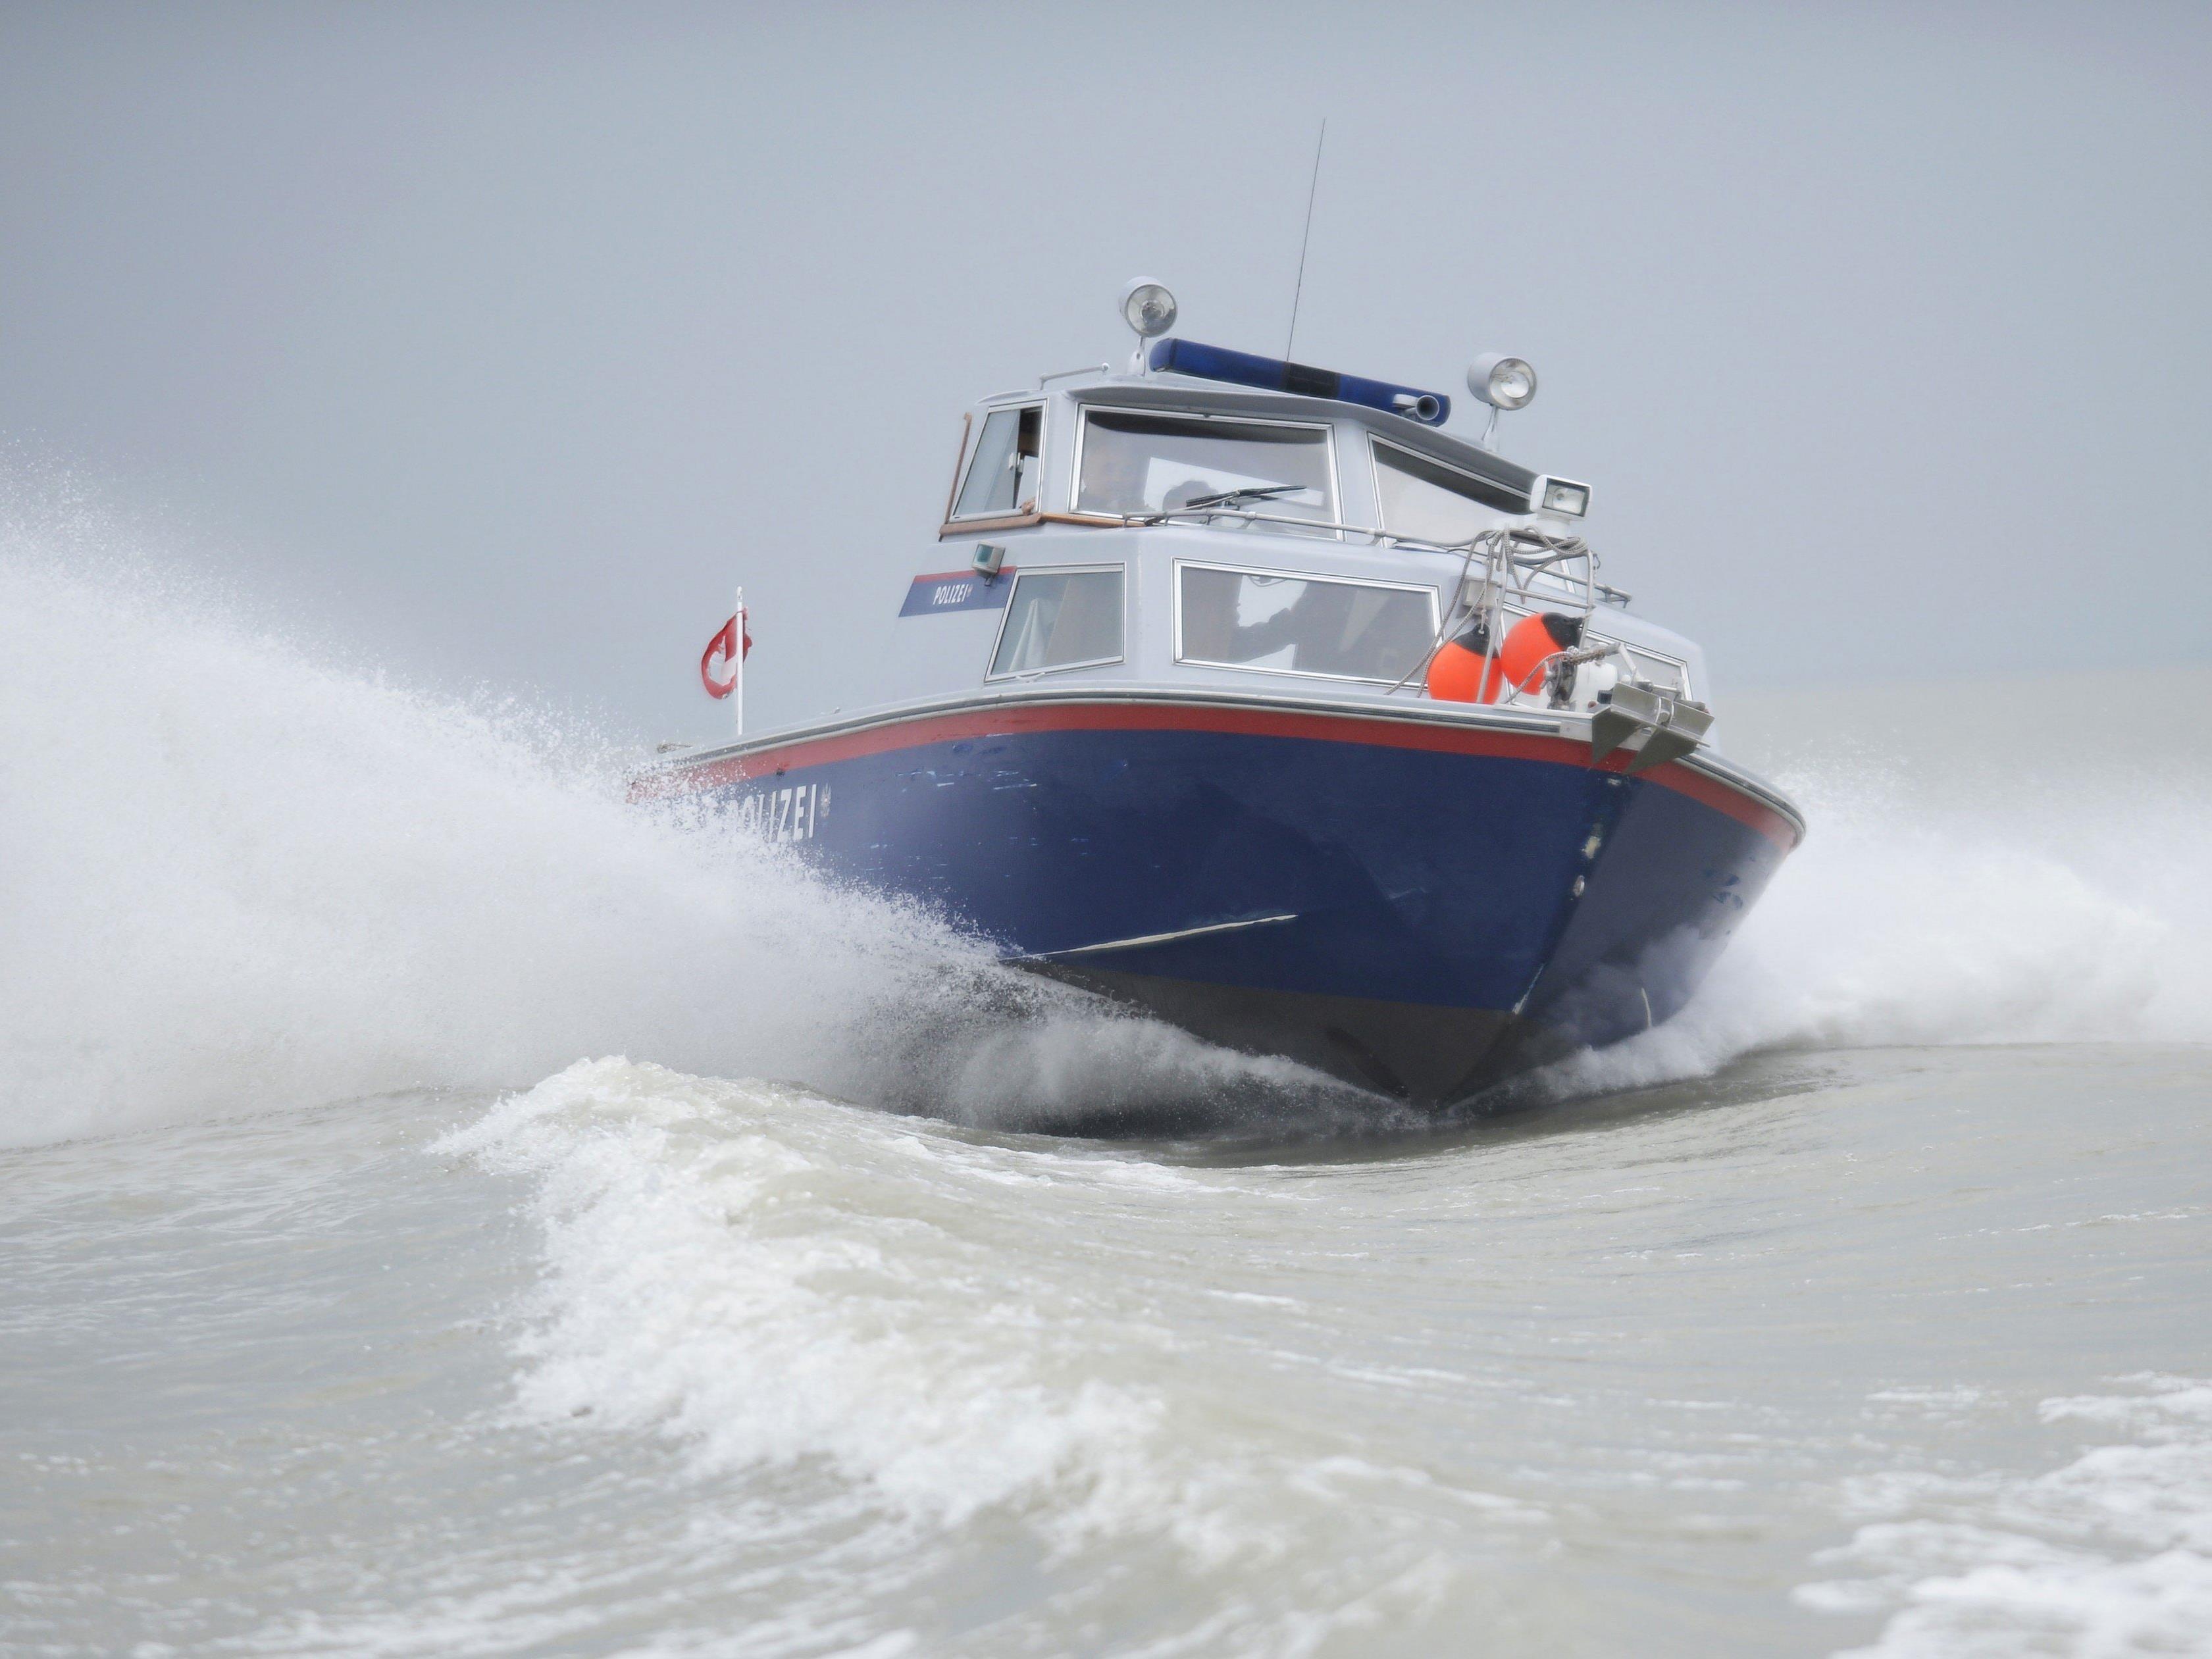 Die Besatzung eines Polizeibootes entdeckte das Segelboot.